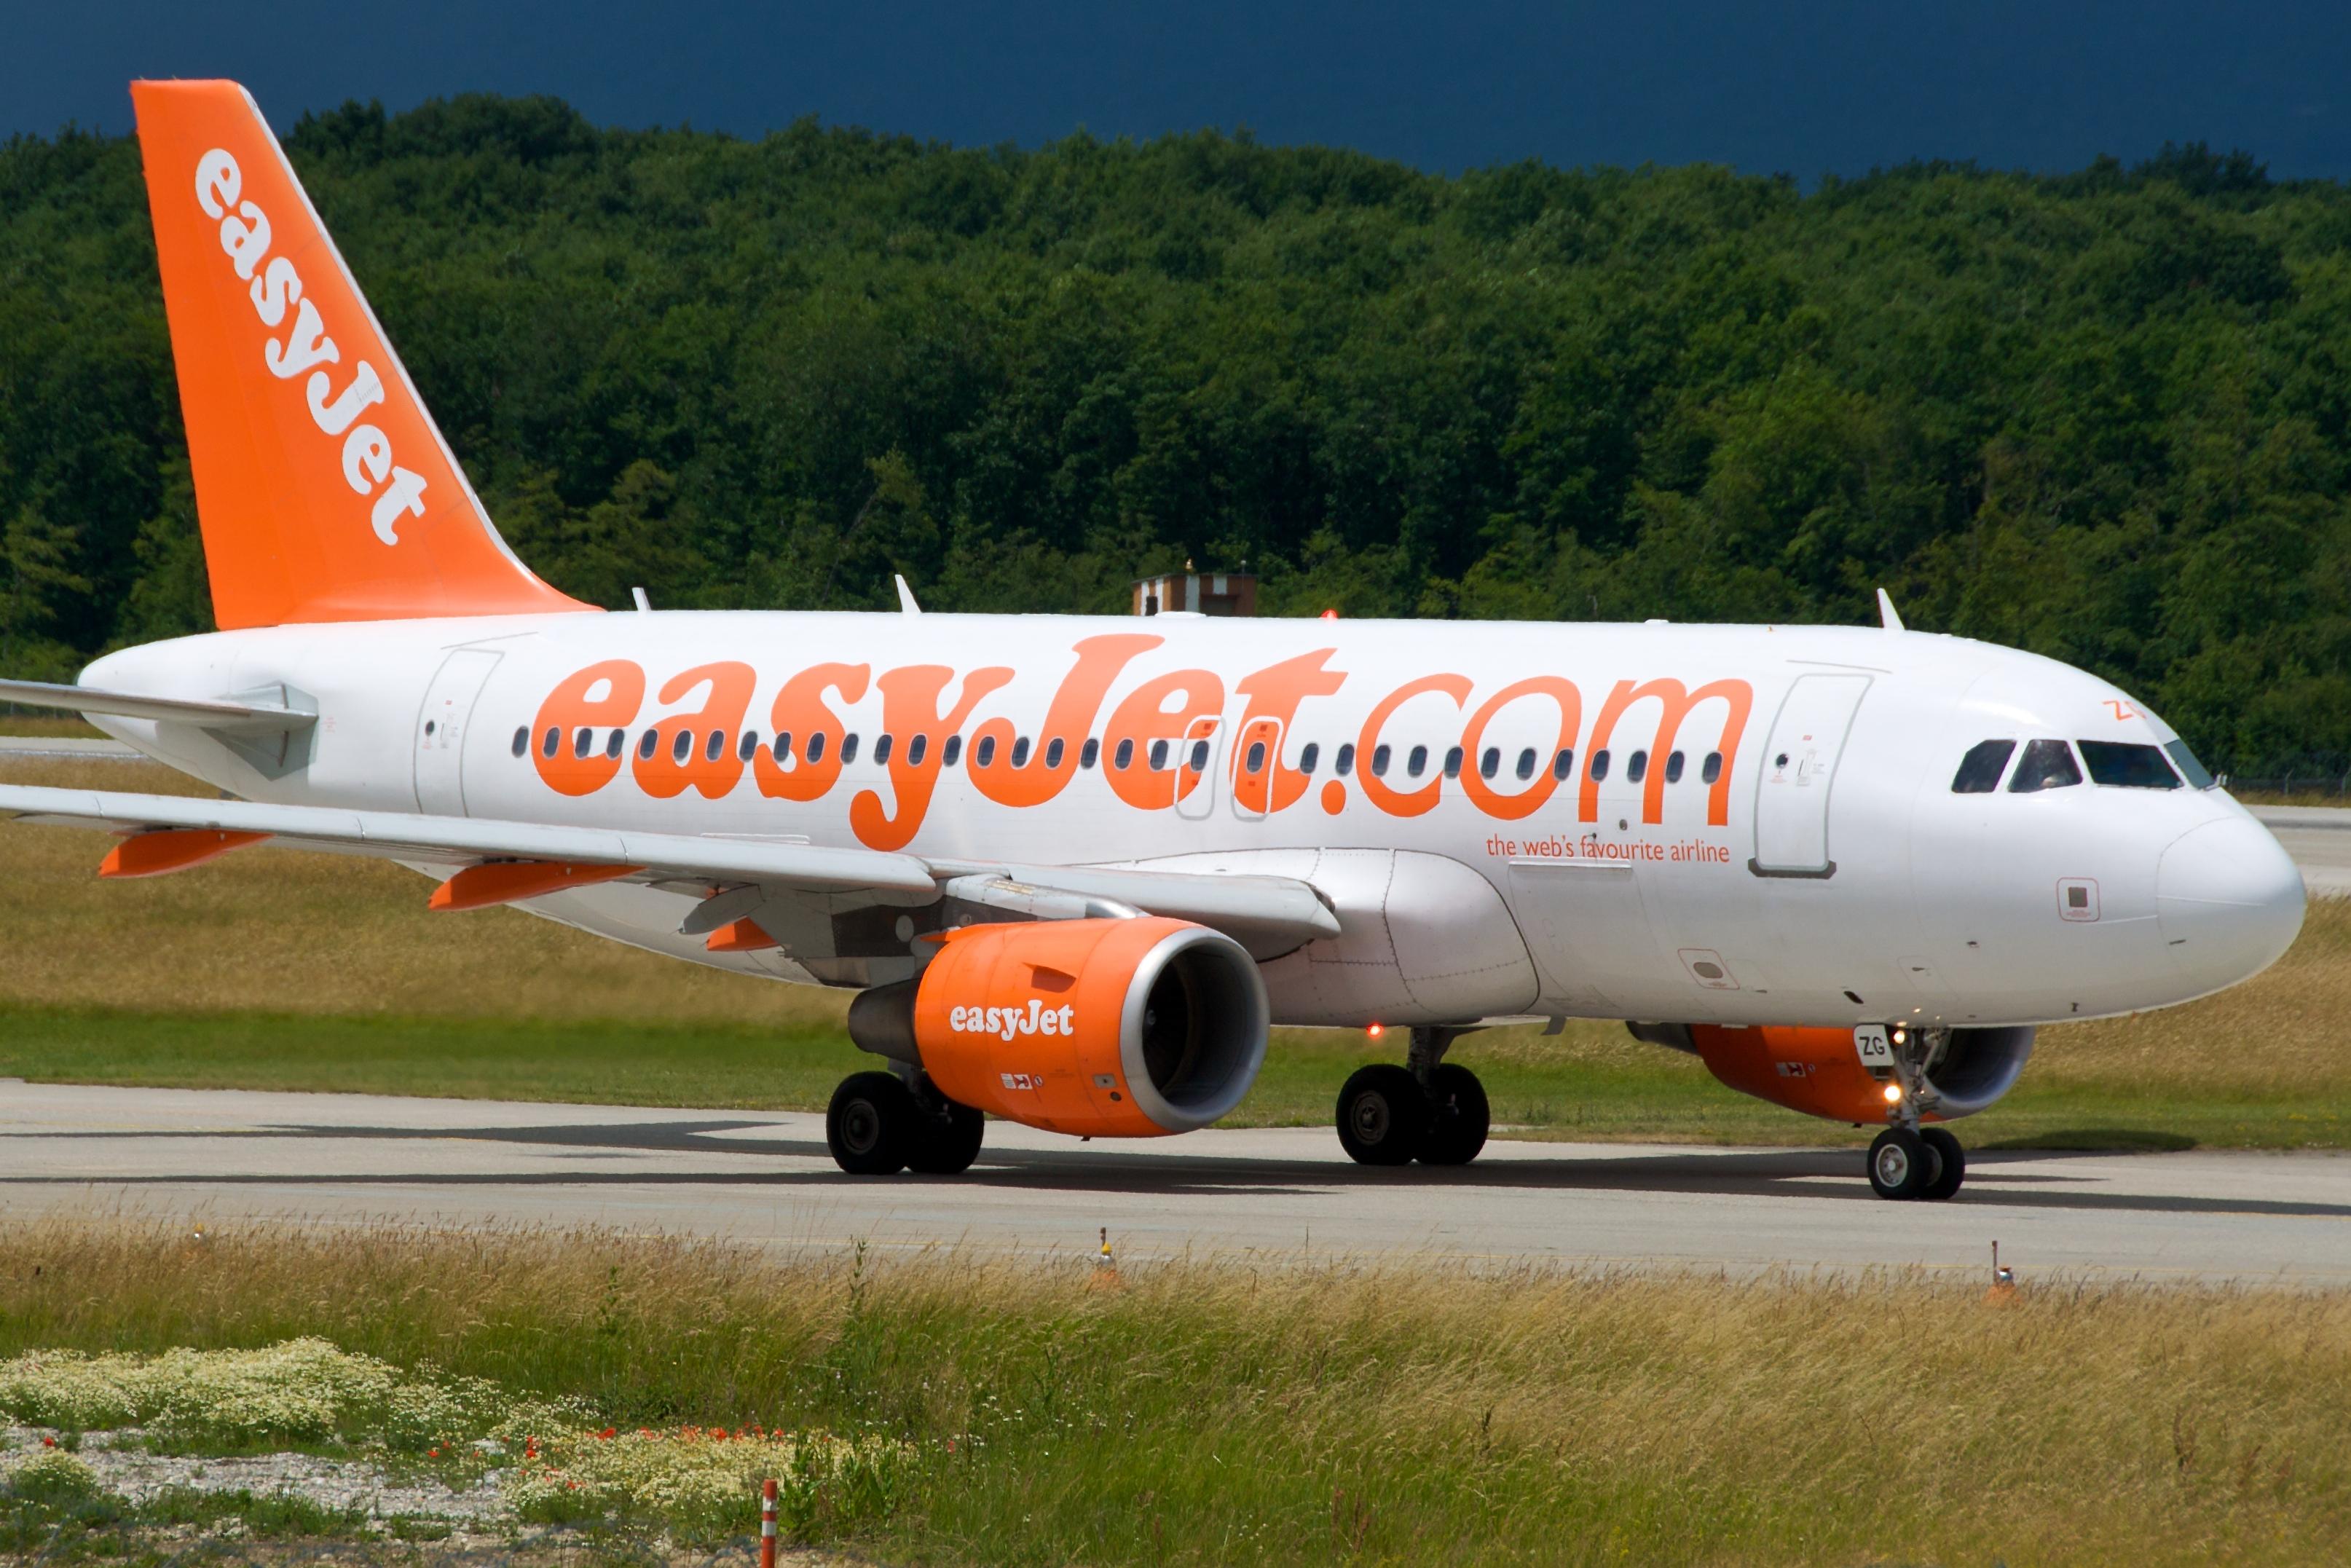 La compagnie aérienne Easy Jet Svitzelend (Easy Jet Suisse). Sayt.2 officiel